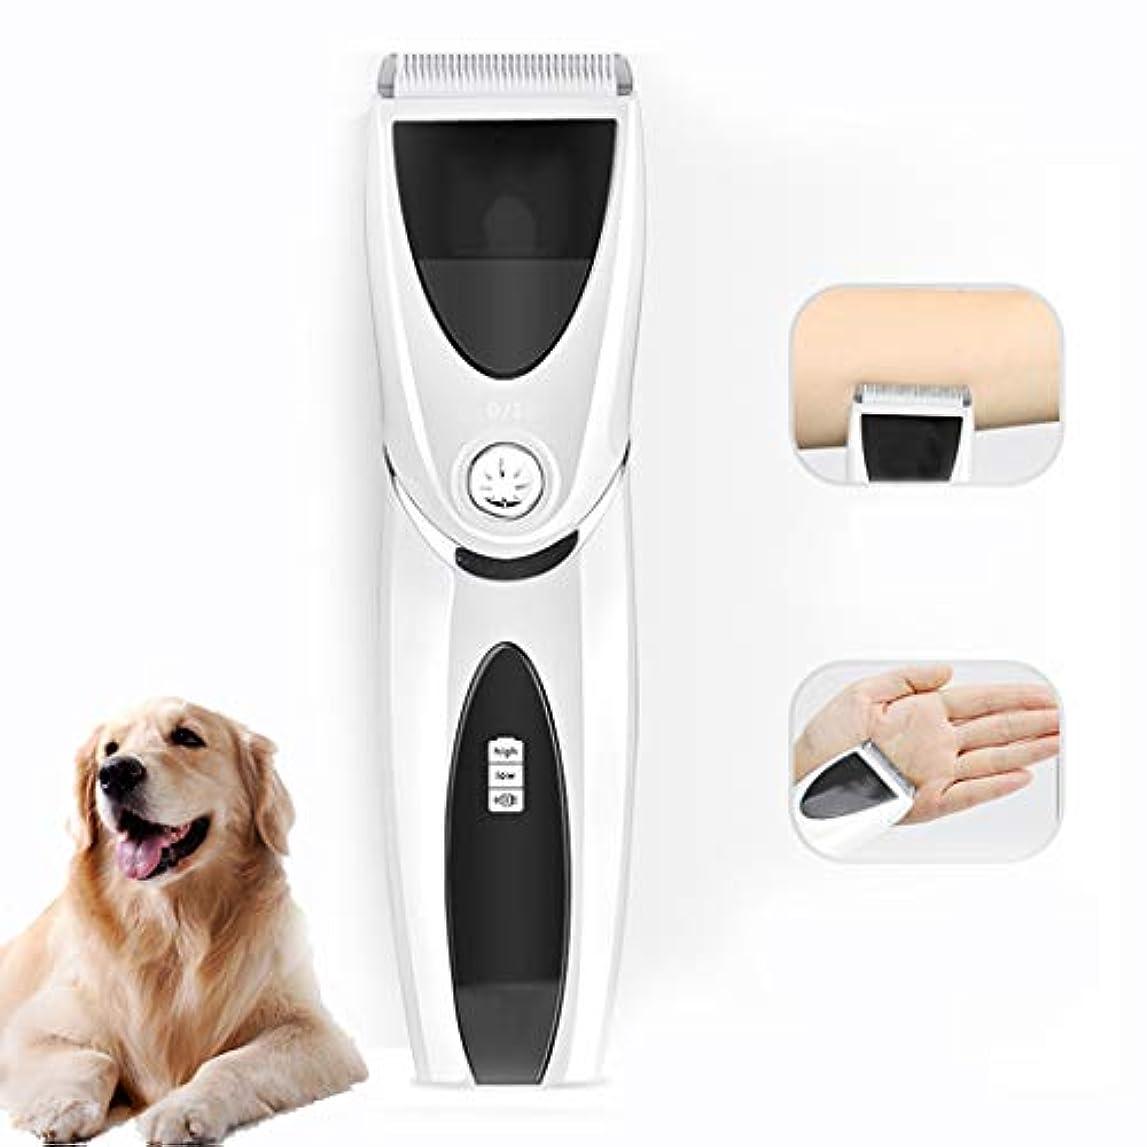 答え控えるアプライアンス犬用バリカン、低雑音犬グルーミングクリッパー充電式コードレスペット毛トリマー、犬猫ペット用最高のバリカン